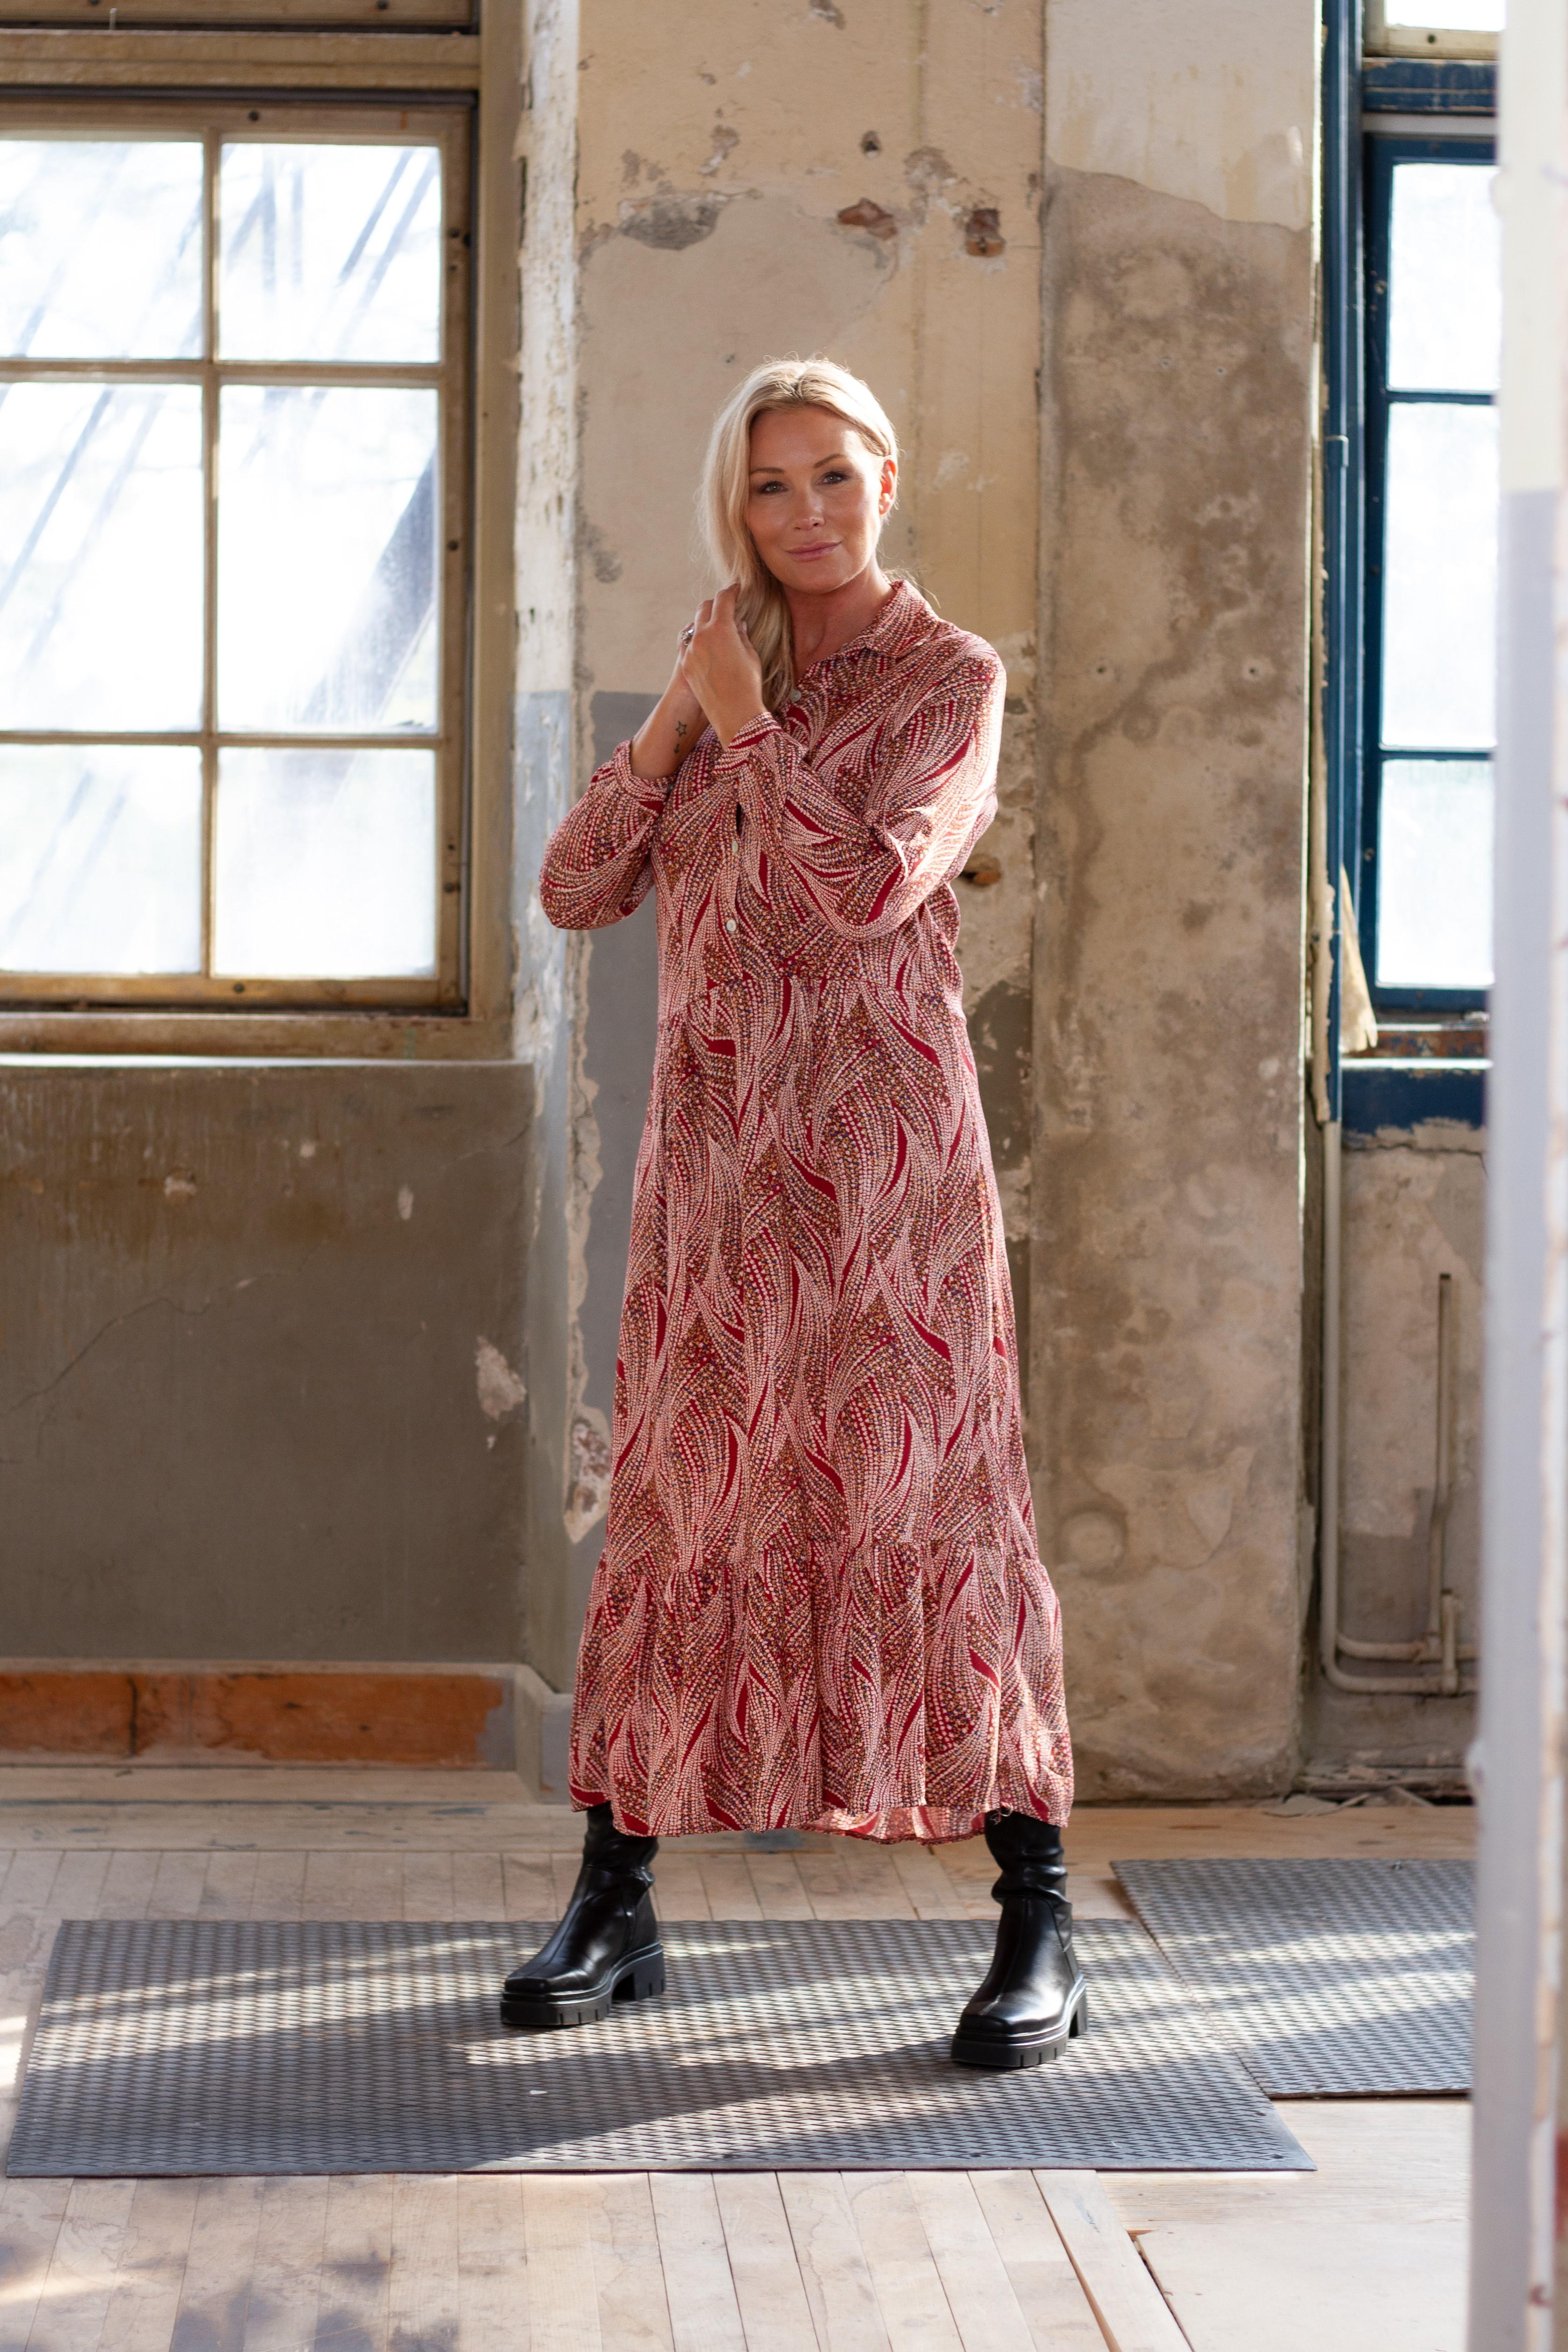 Klänning - Viskosklänning Elisa Multi, Röd (Stajl)